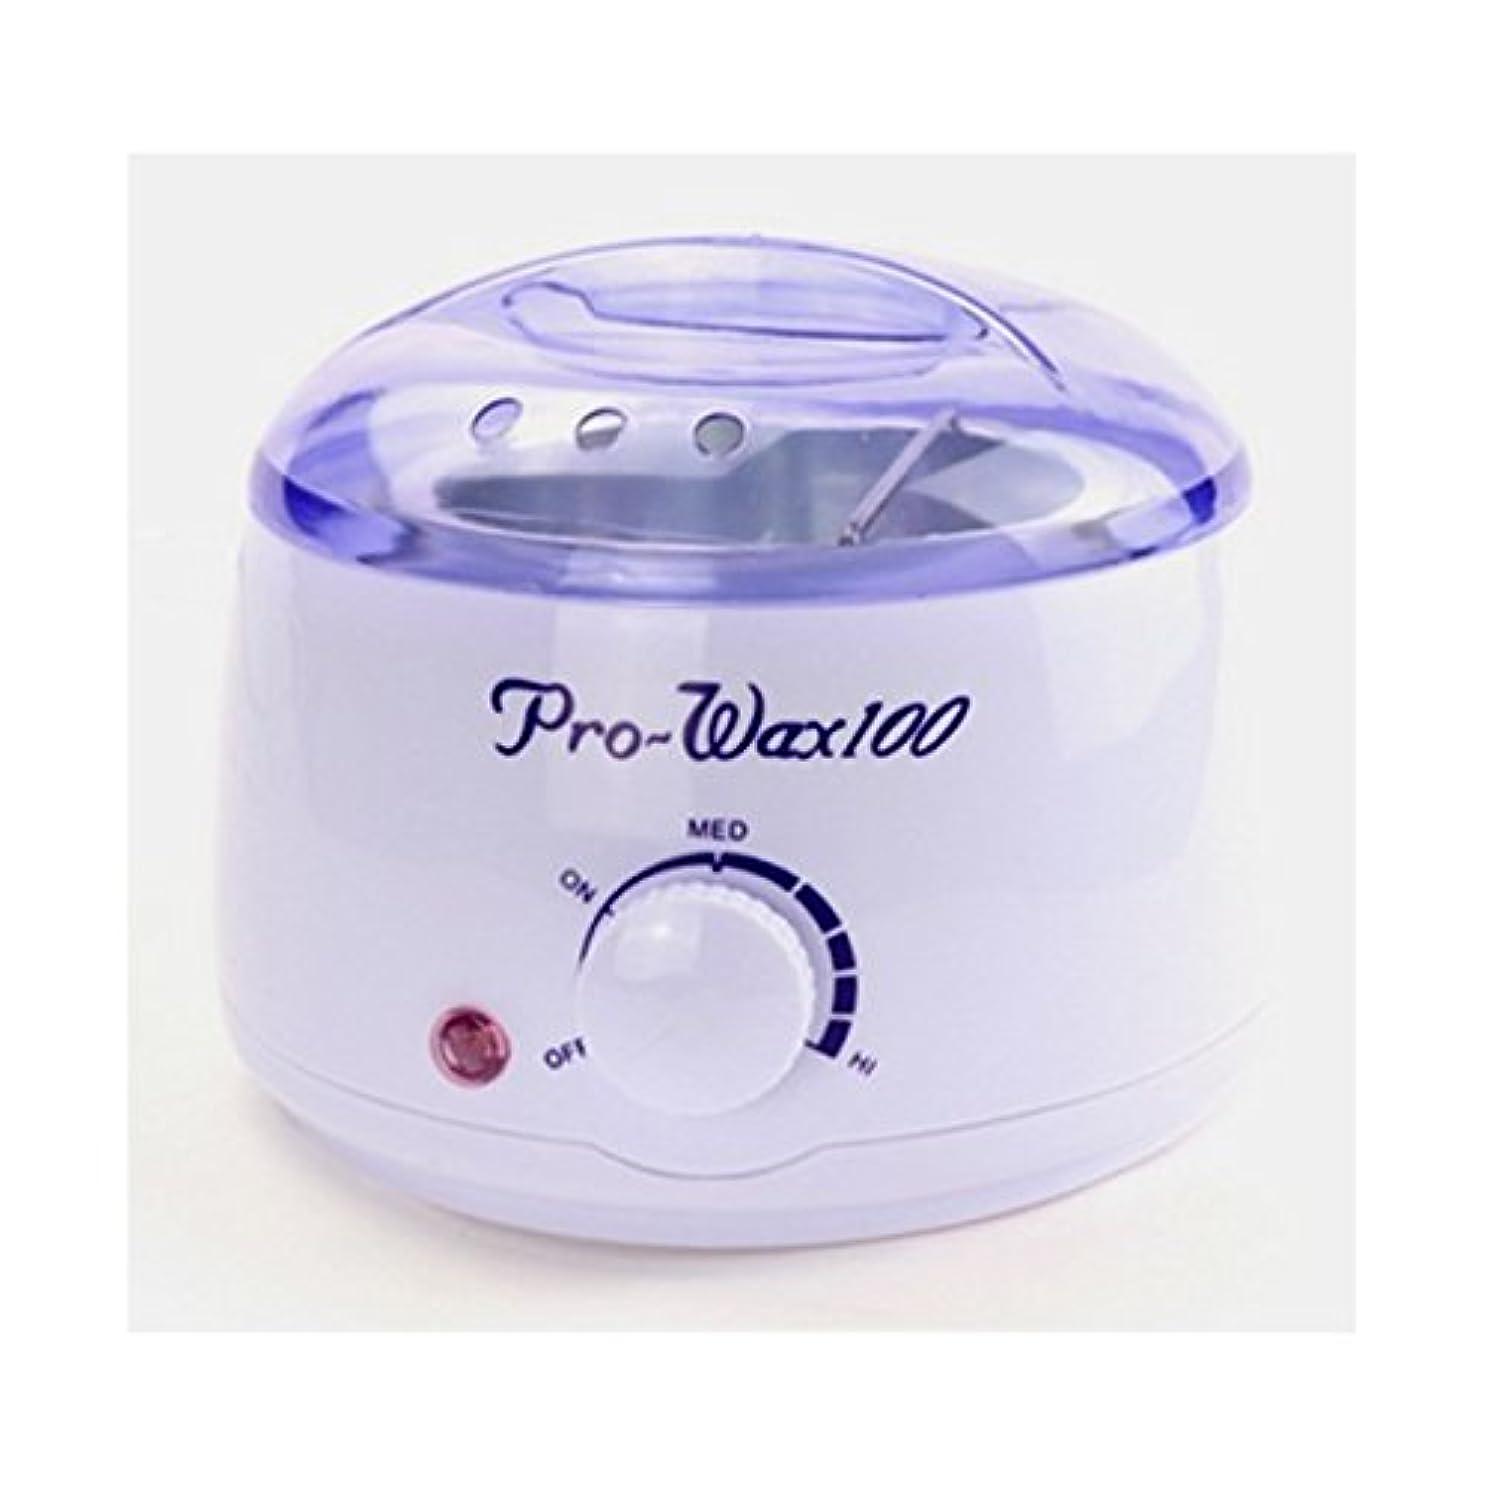 脱毛用ワックスウォーマー ブラジリアンワックス ソフトワックス ハードワックス 溶解用 プロワックス100